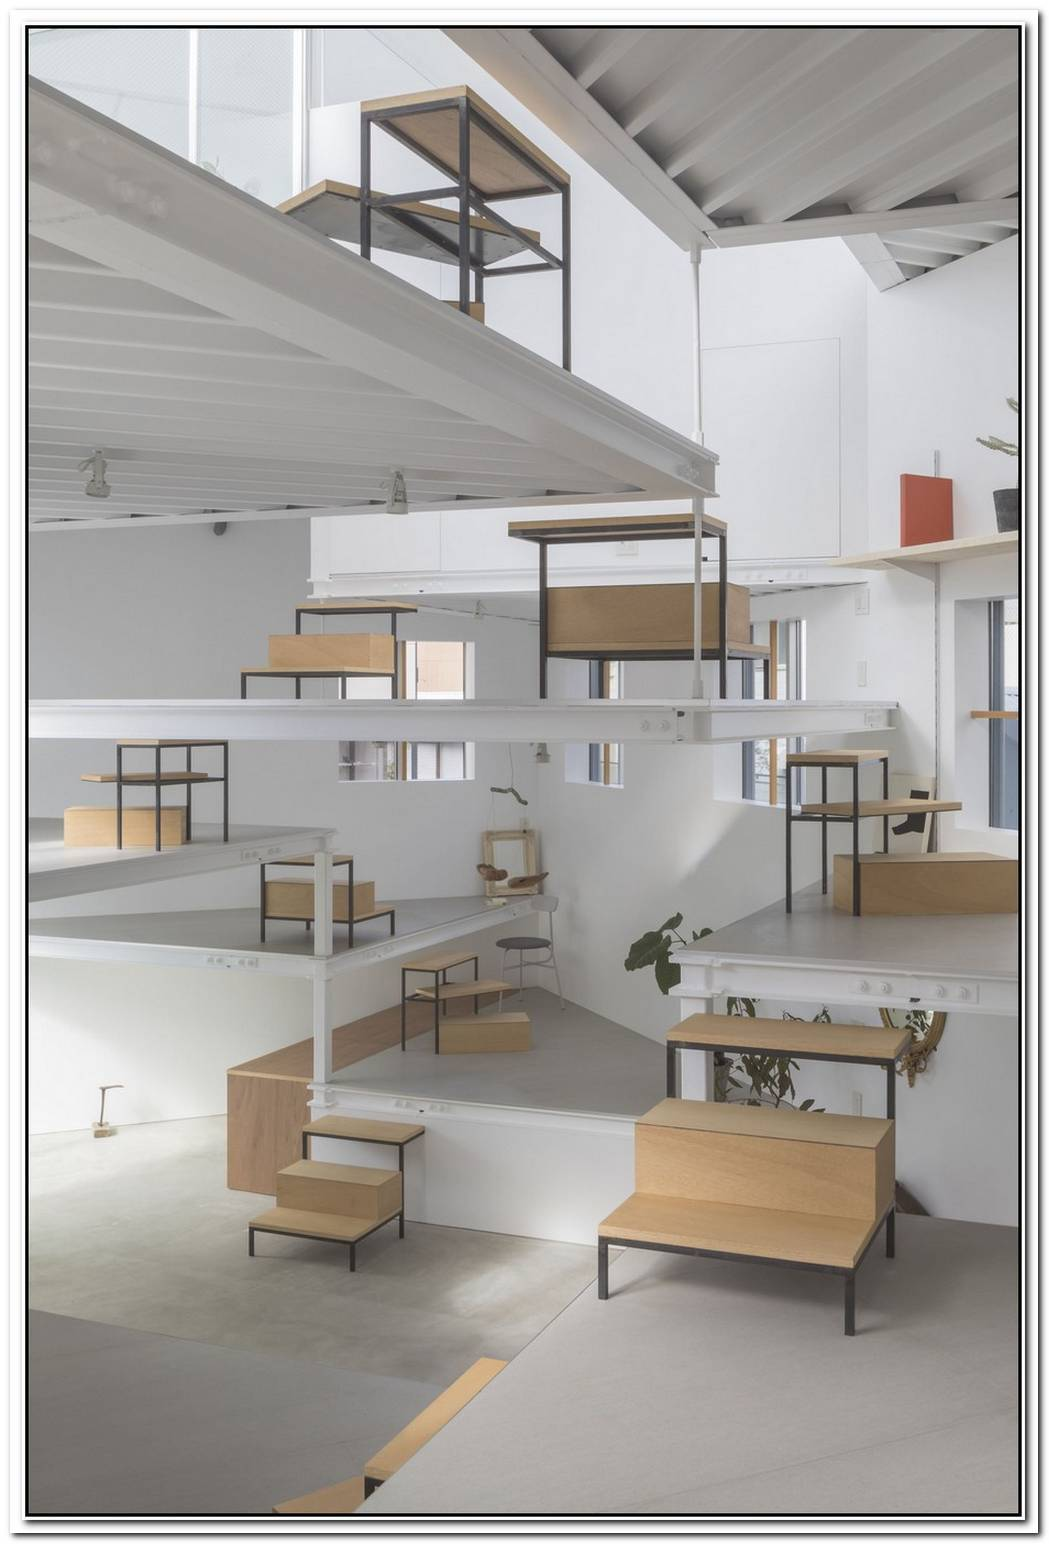 Puzzling Loft In Italy By Boa Studio Architetti